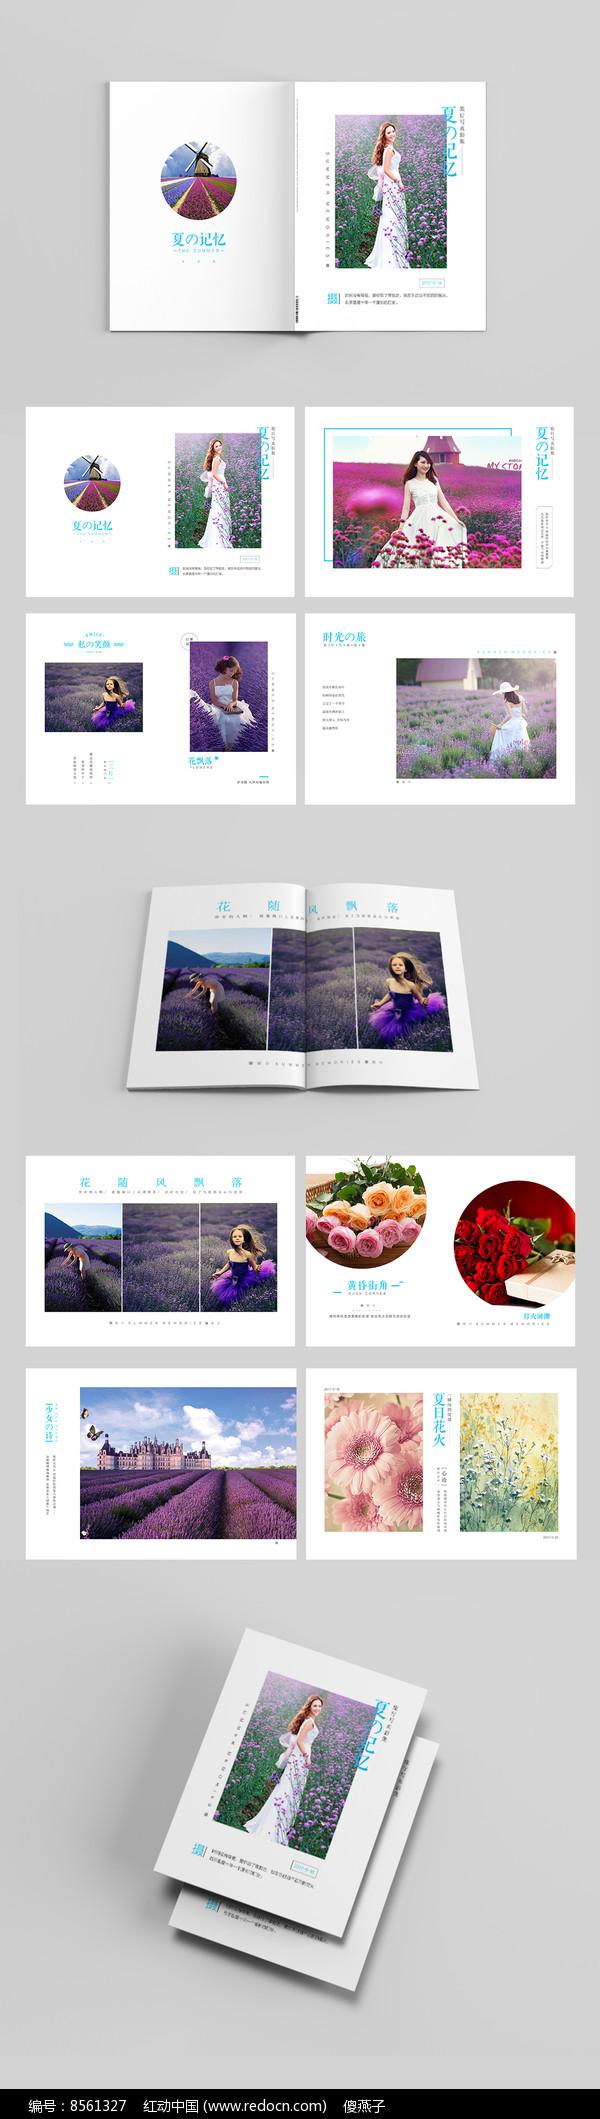 全套简约风格企业画册图片